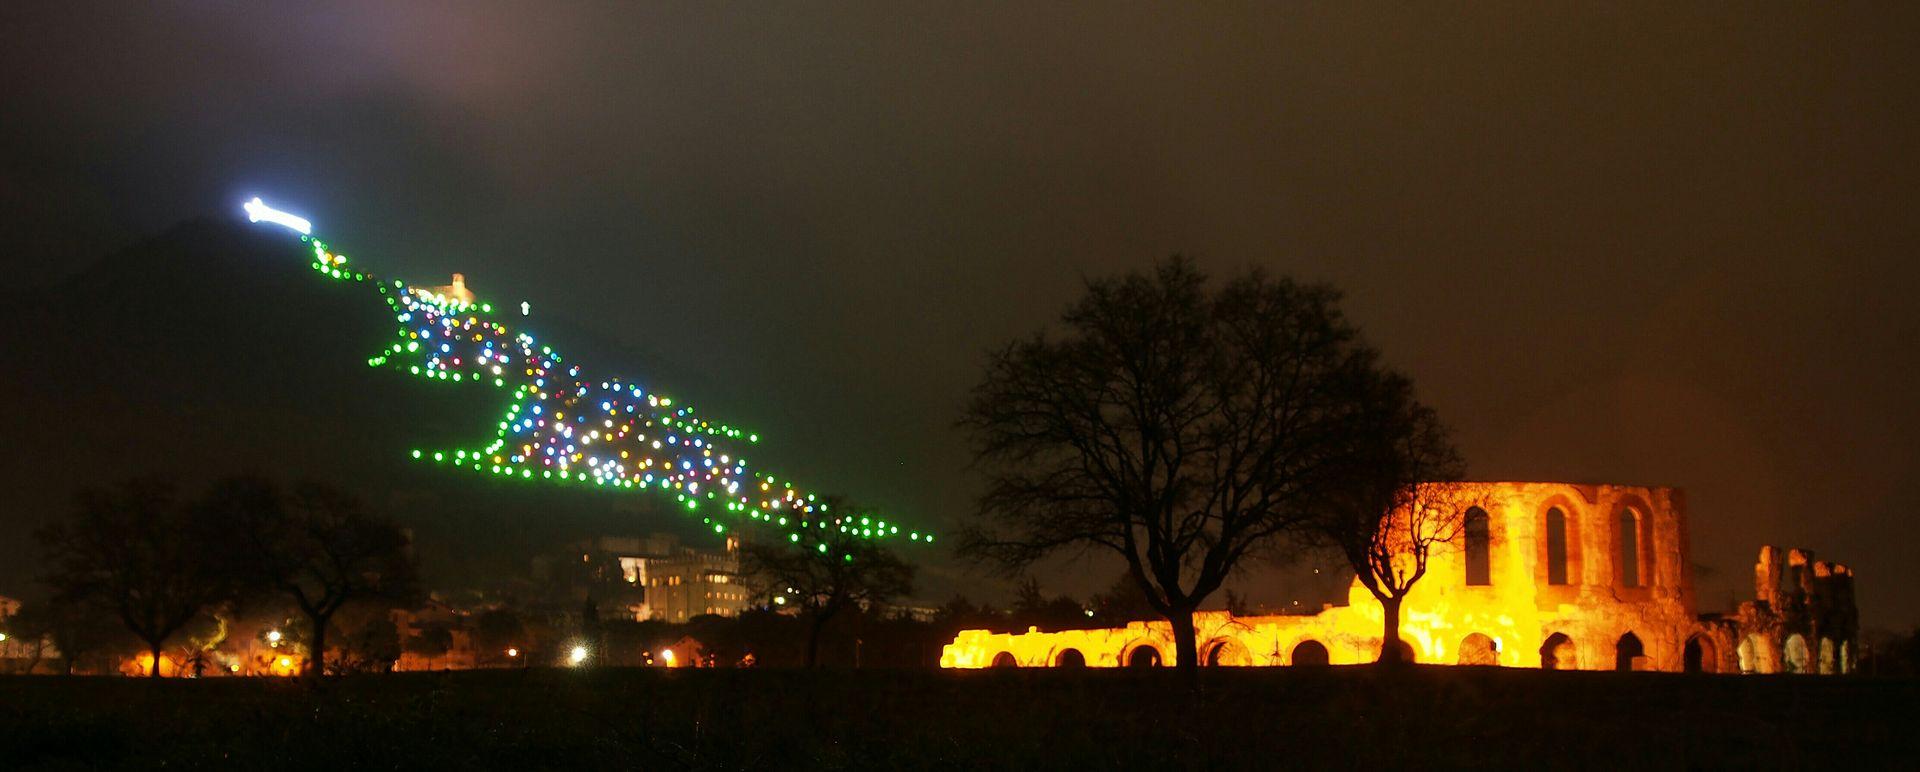 Il teatro romano di Gubbio ai piedi dell'Albero di Natale più grande del mondo Adri08 - Opera propria